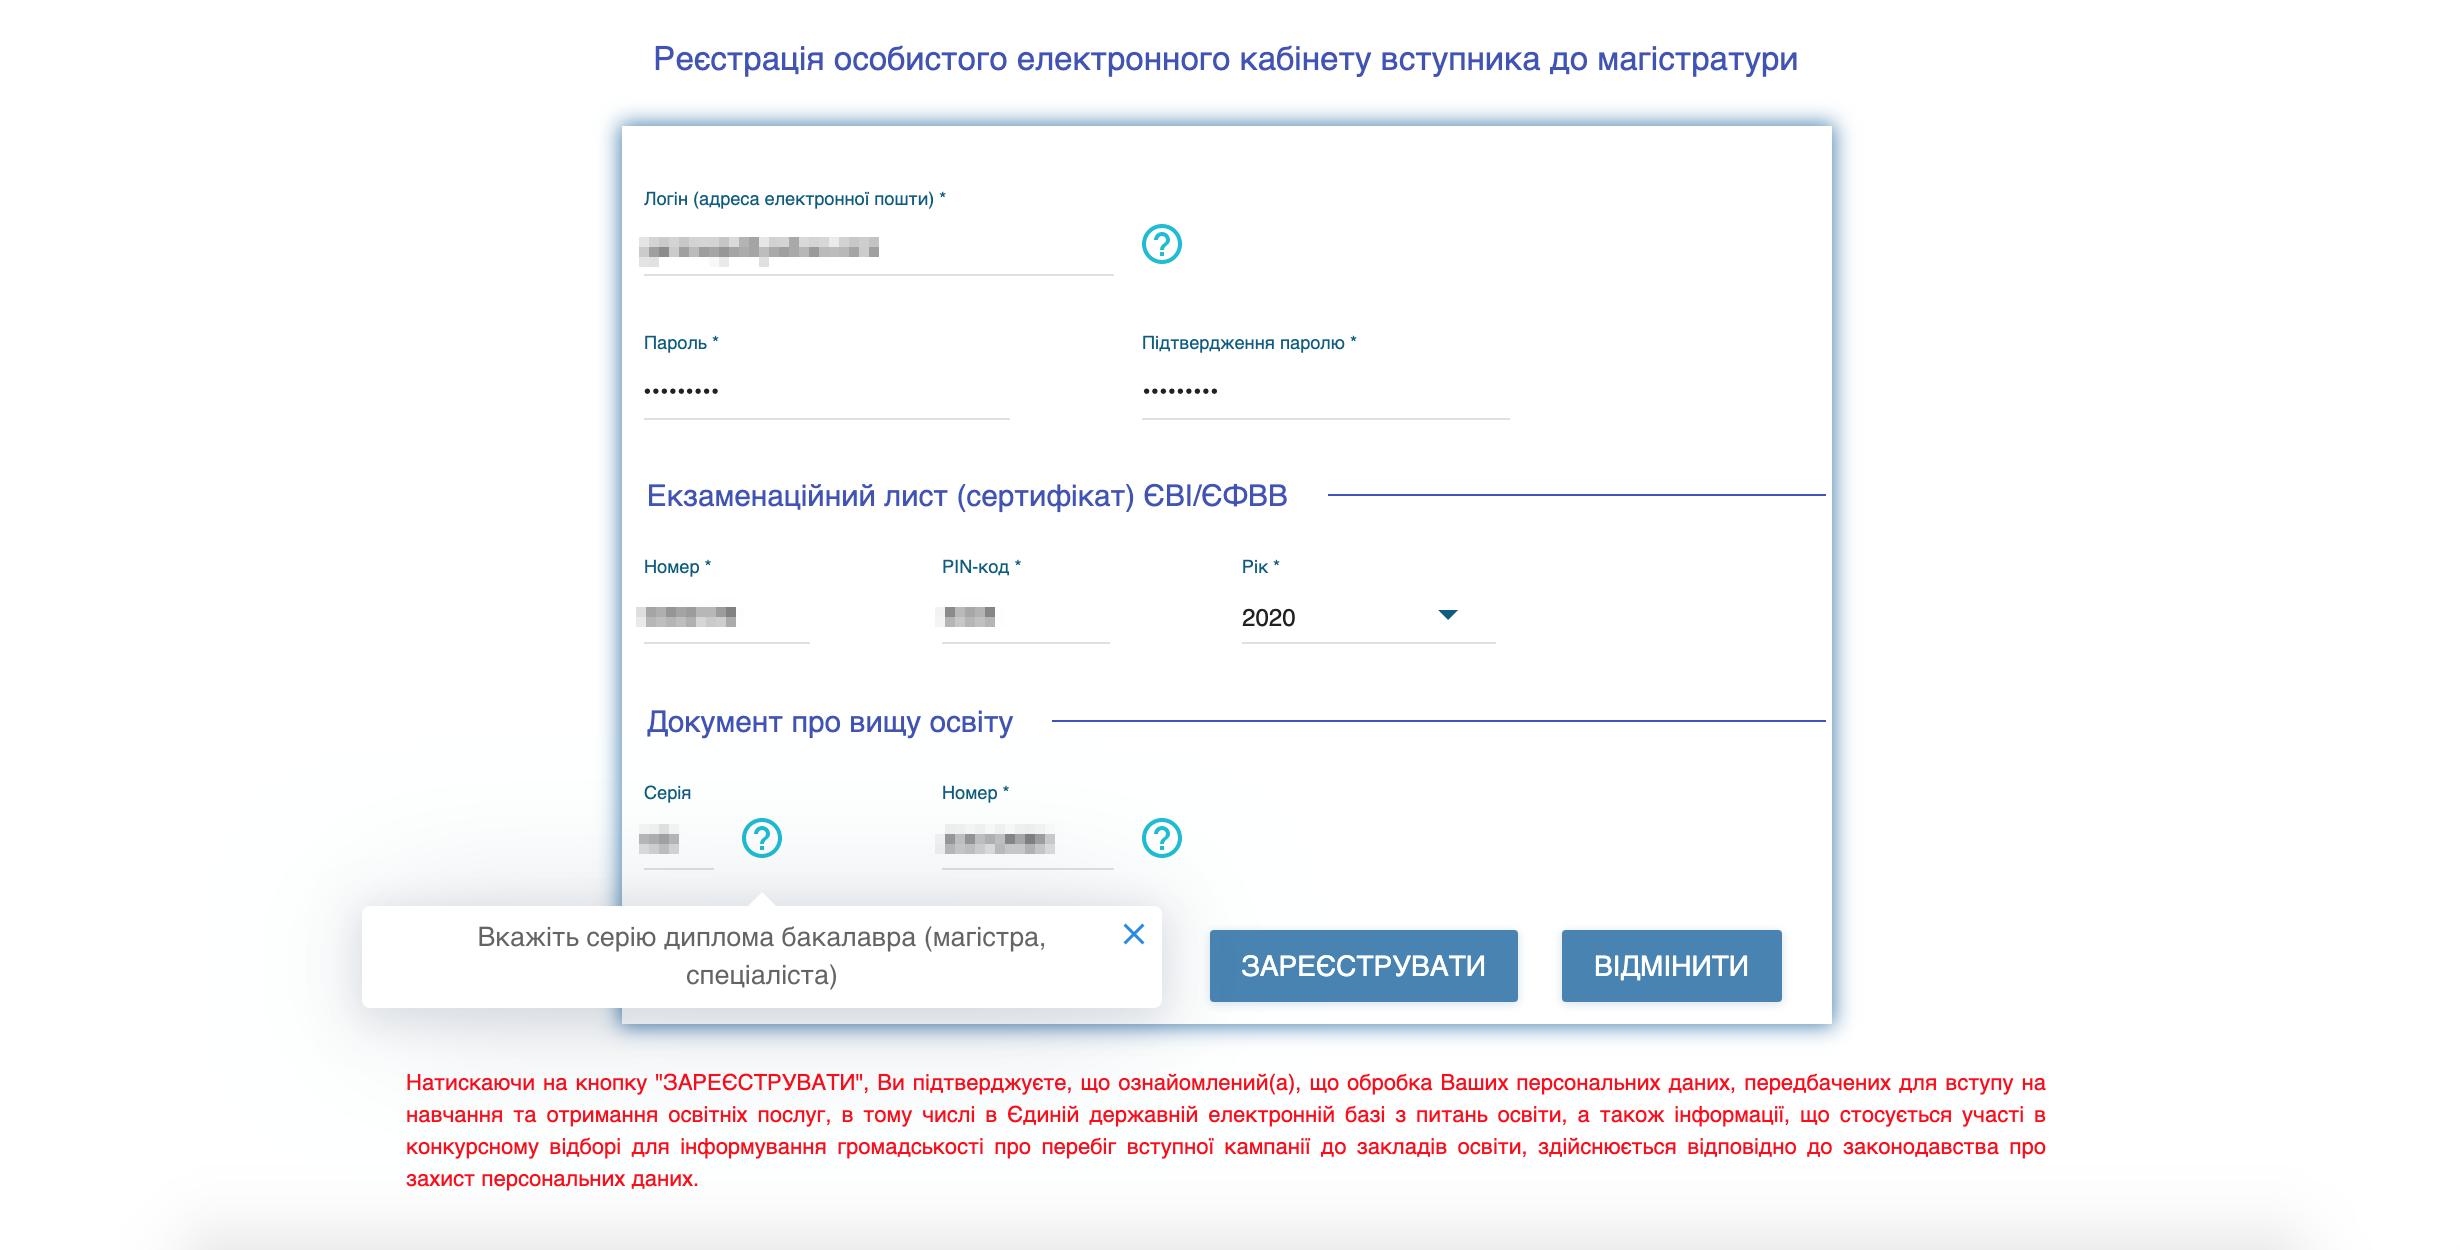 Реєстрація особистого електронного кабінету вступника до магістратури